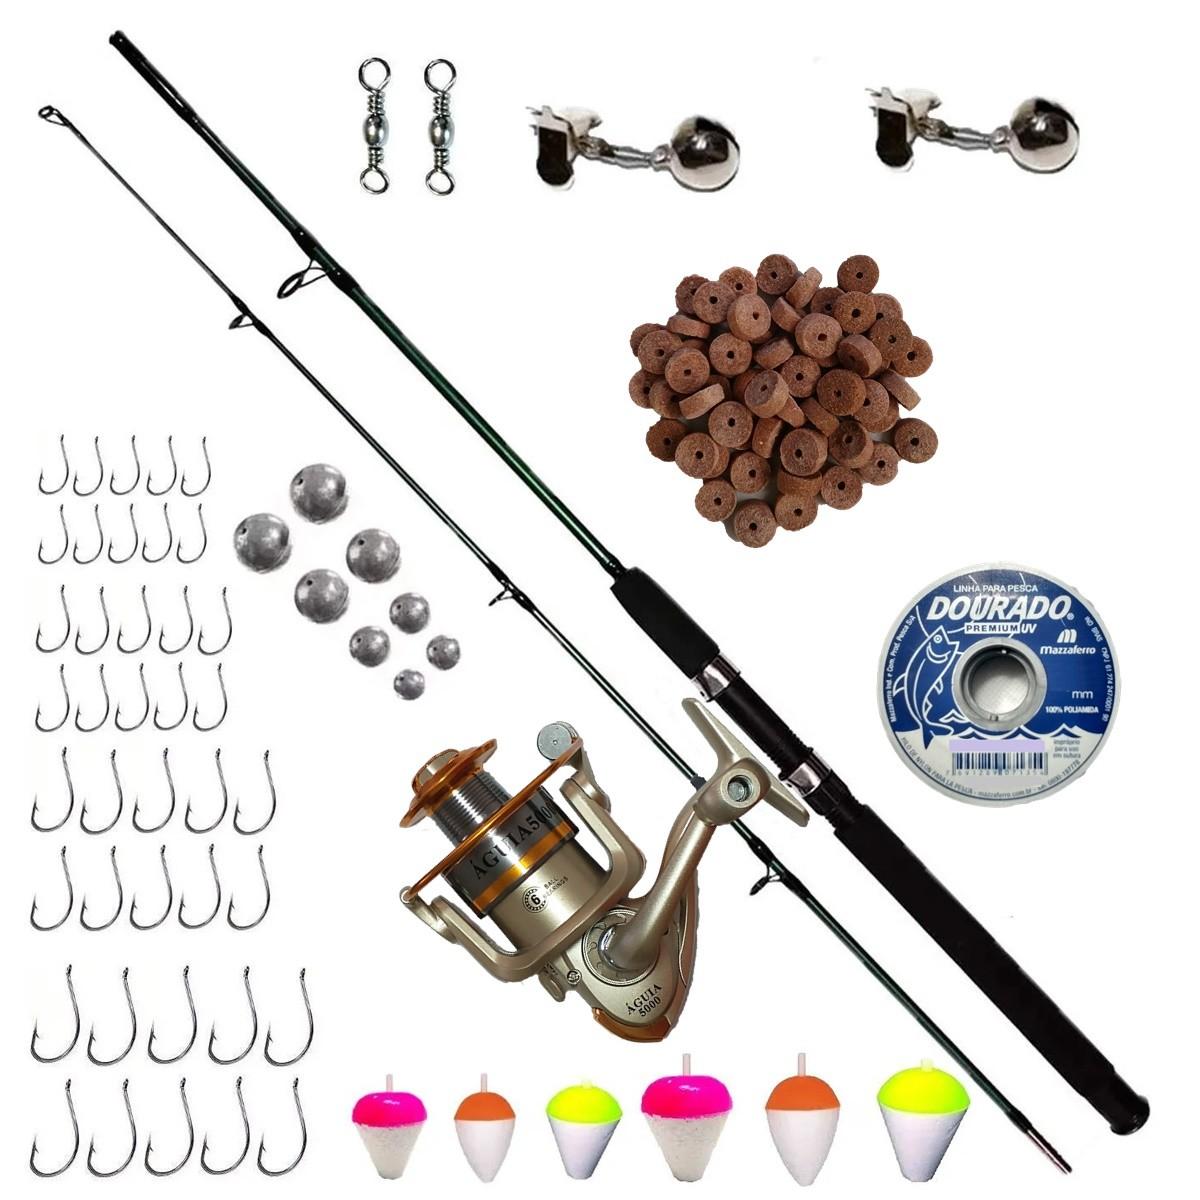 Kit De Pesca Completo Vara 1,70 25-50lb Molinete 3 rol E Acessórios